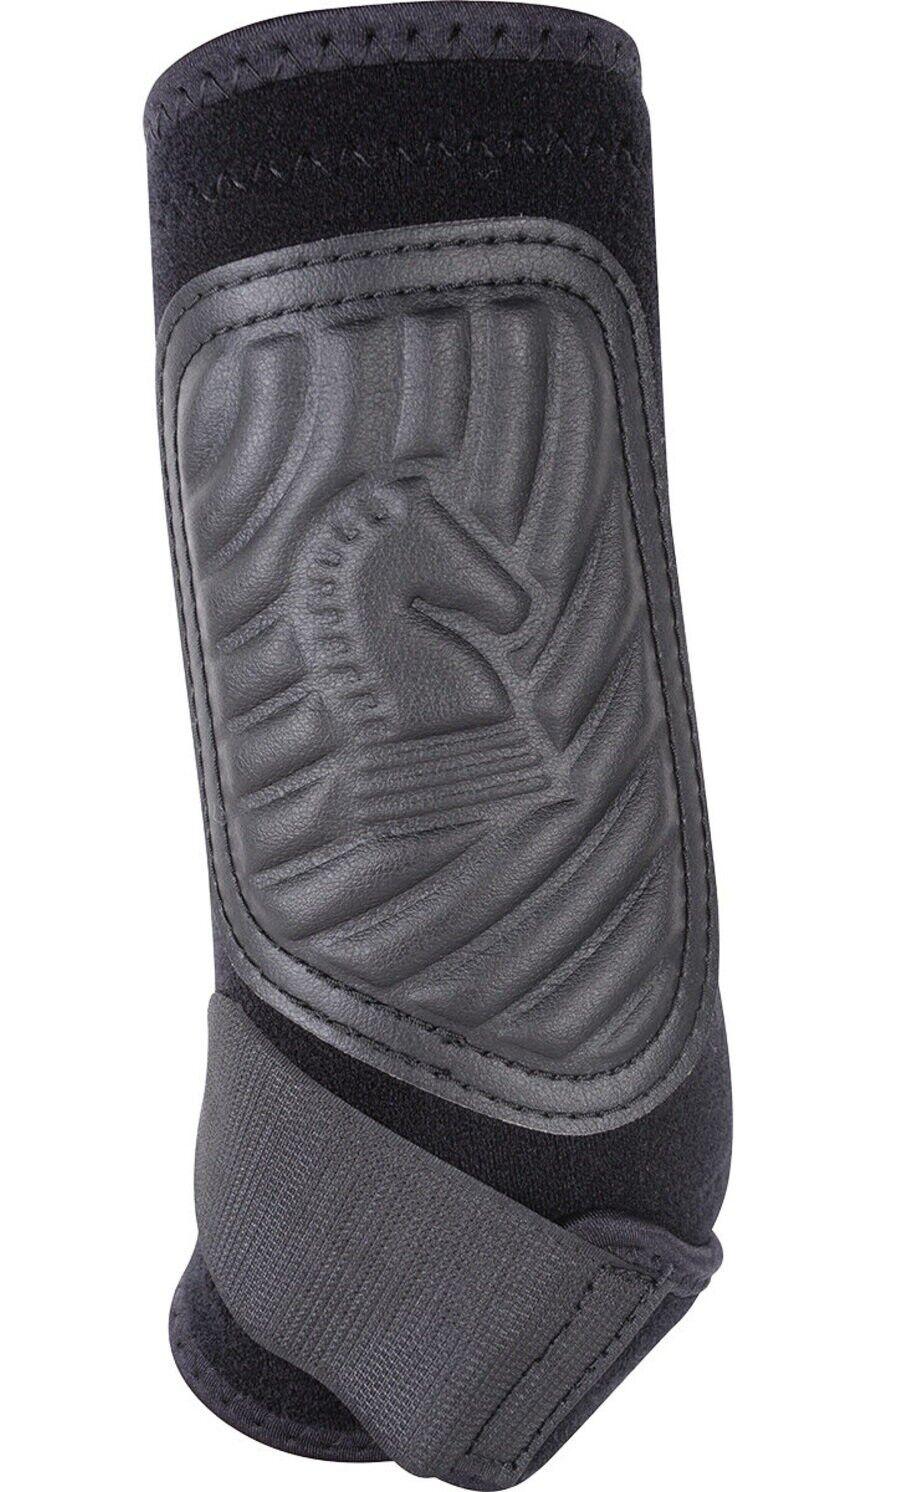 Classicfit Schuhe Hind für Pferde Schwarz Beinschutz Unterstützung Mittlere